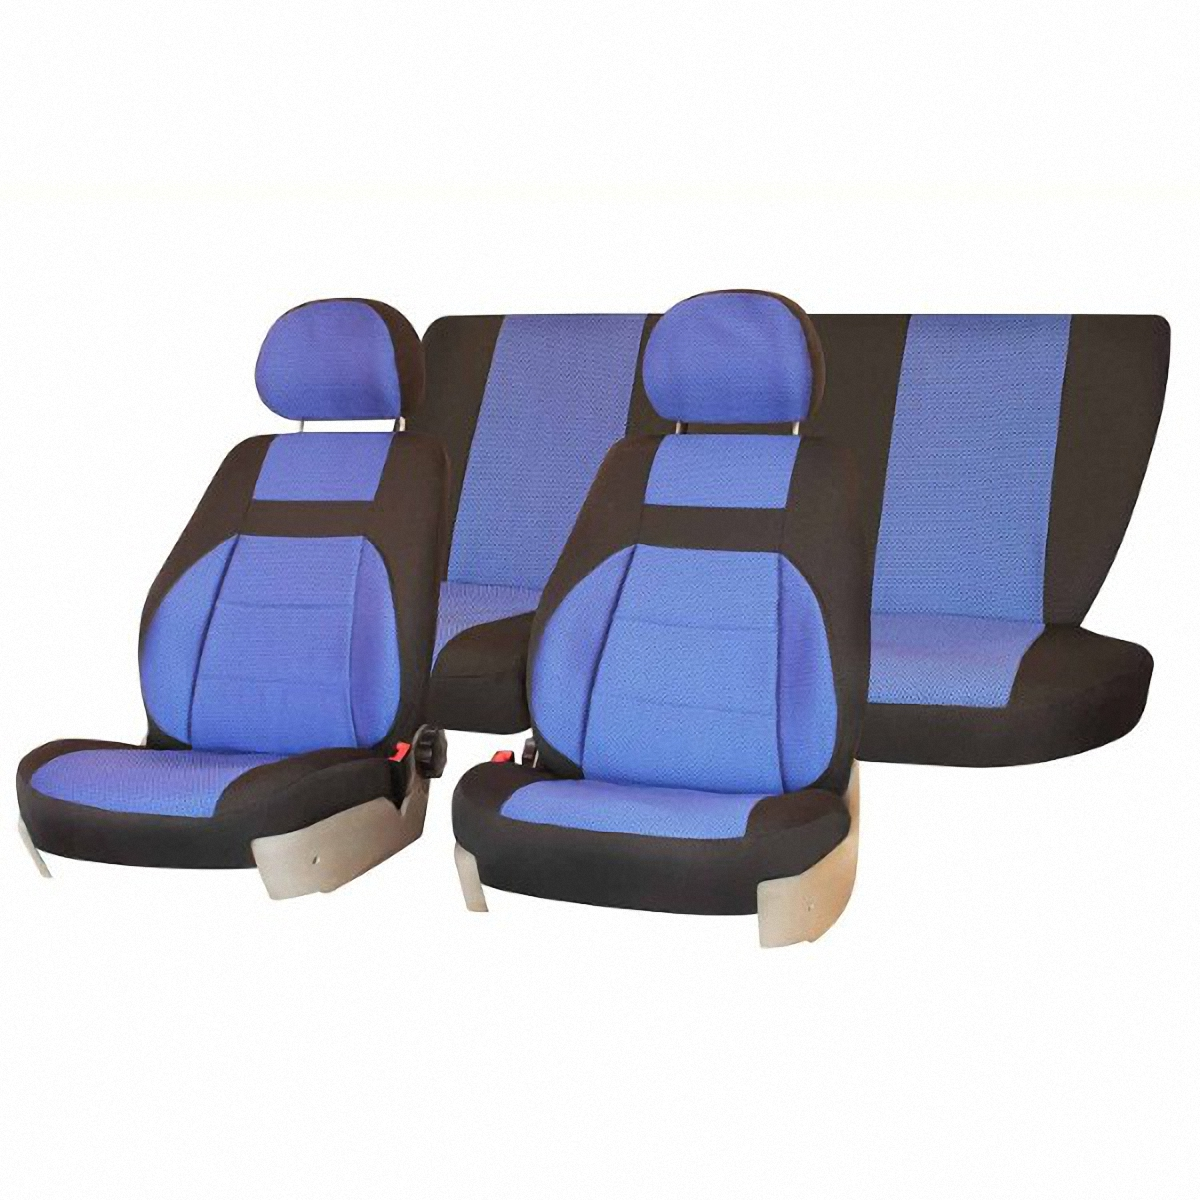 Чехлы автомобильные Skyway, для ВАЗ-2107, цвет: синий, черный комплект сцепления на ваз 2107